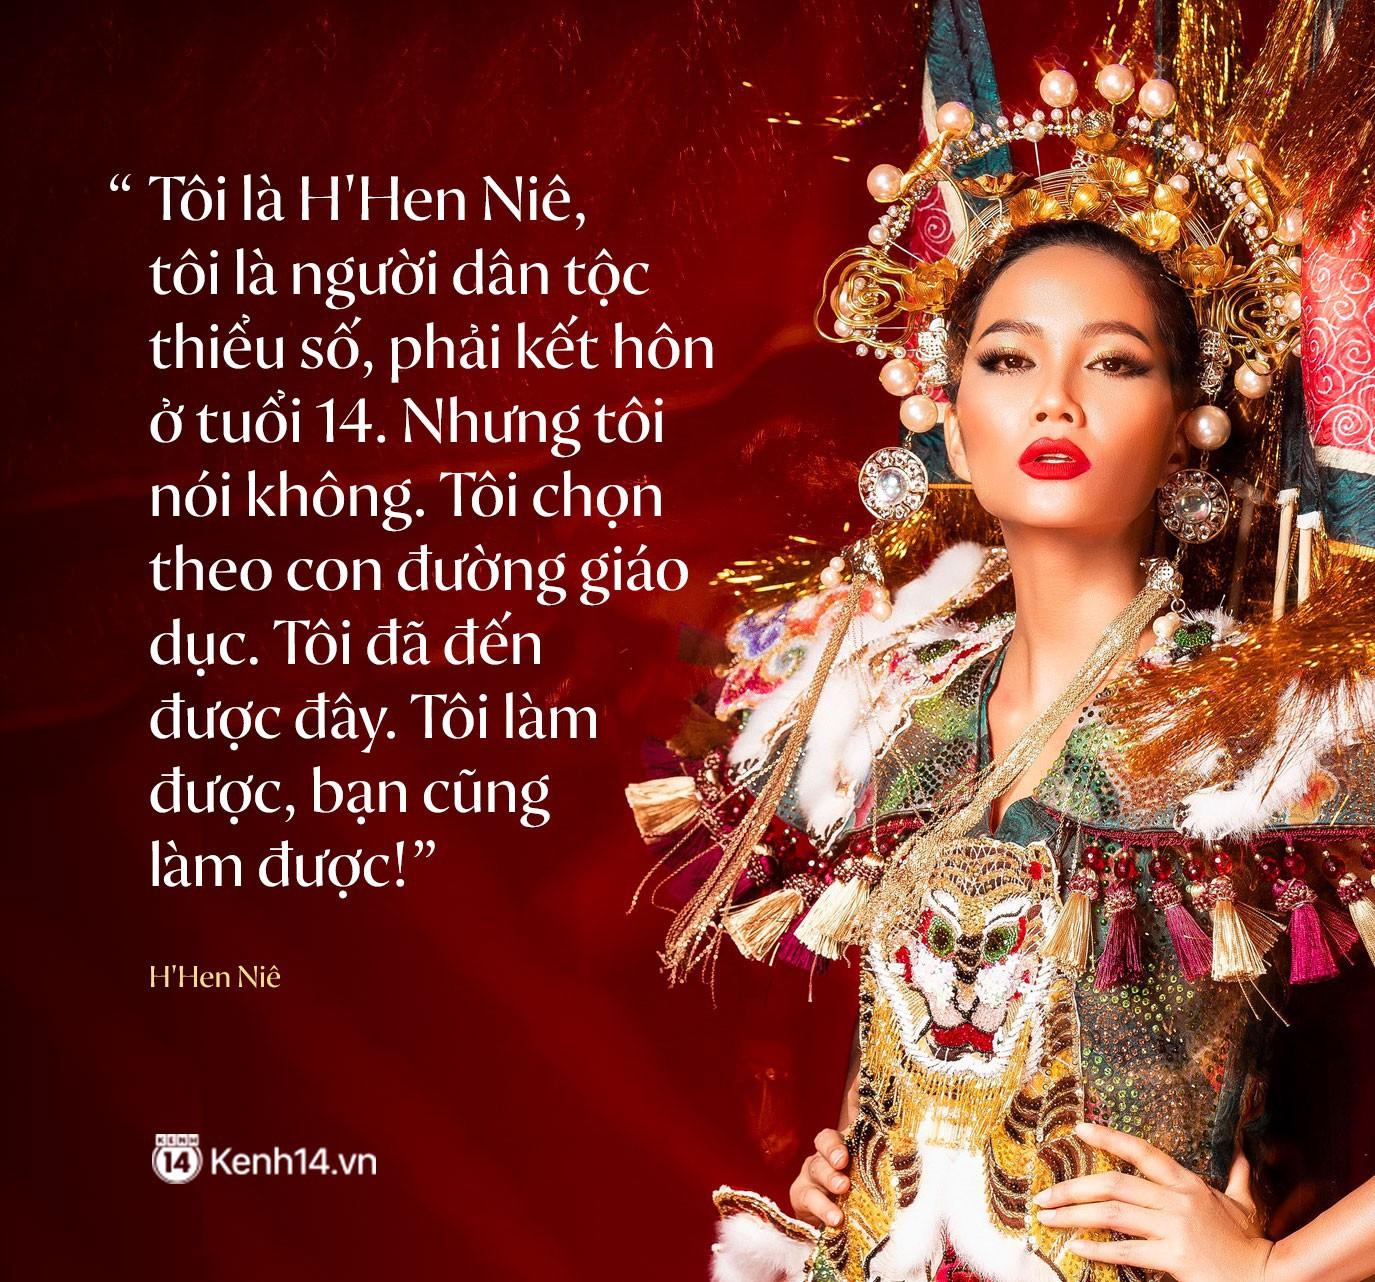 HHen Niê xuất hiện trong đề thi chọn học sinh giỏi Ngữ văn với đoạn phát biểu gây sốt ở Miss Universe 2018 - Ảnh 2.